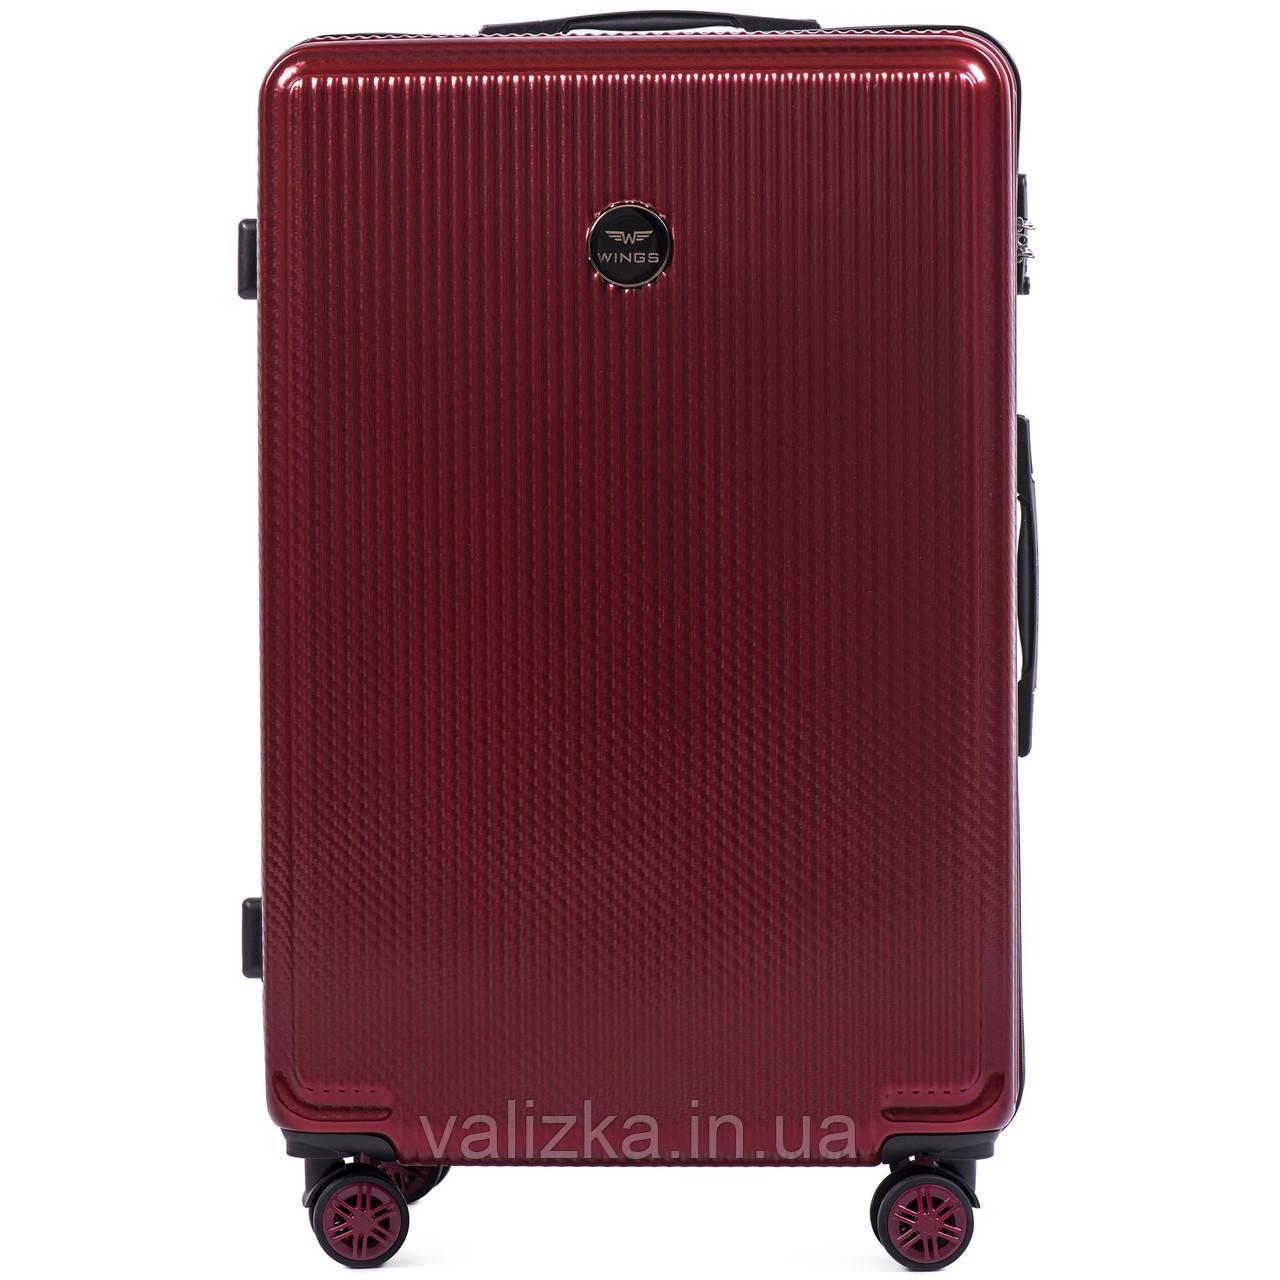 Большой чемодан из поликарбоната премиум серии W-565 на 4х двойных колесах с ТСА замком бордовый